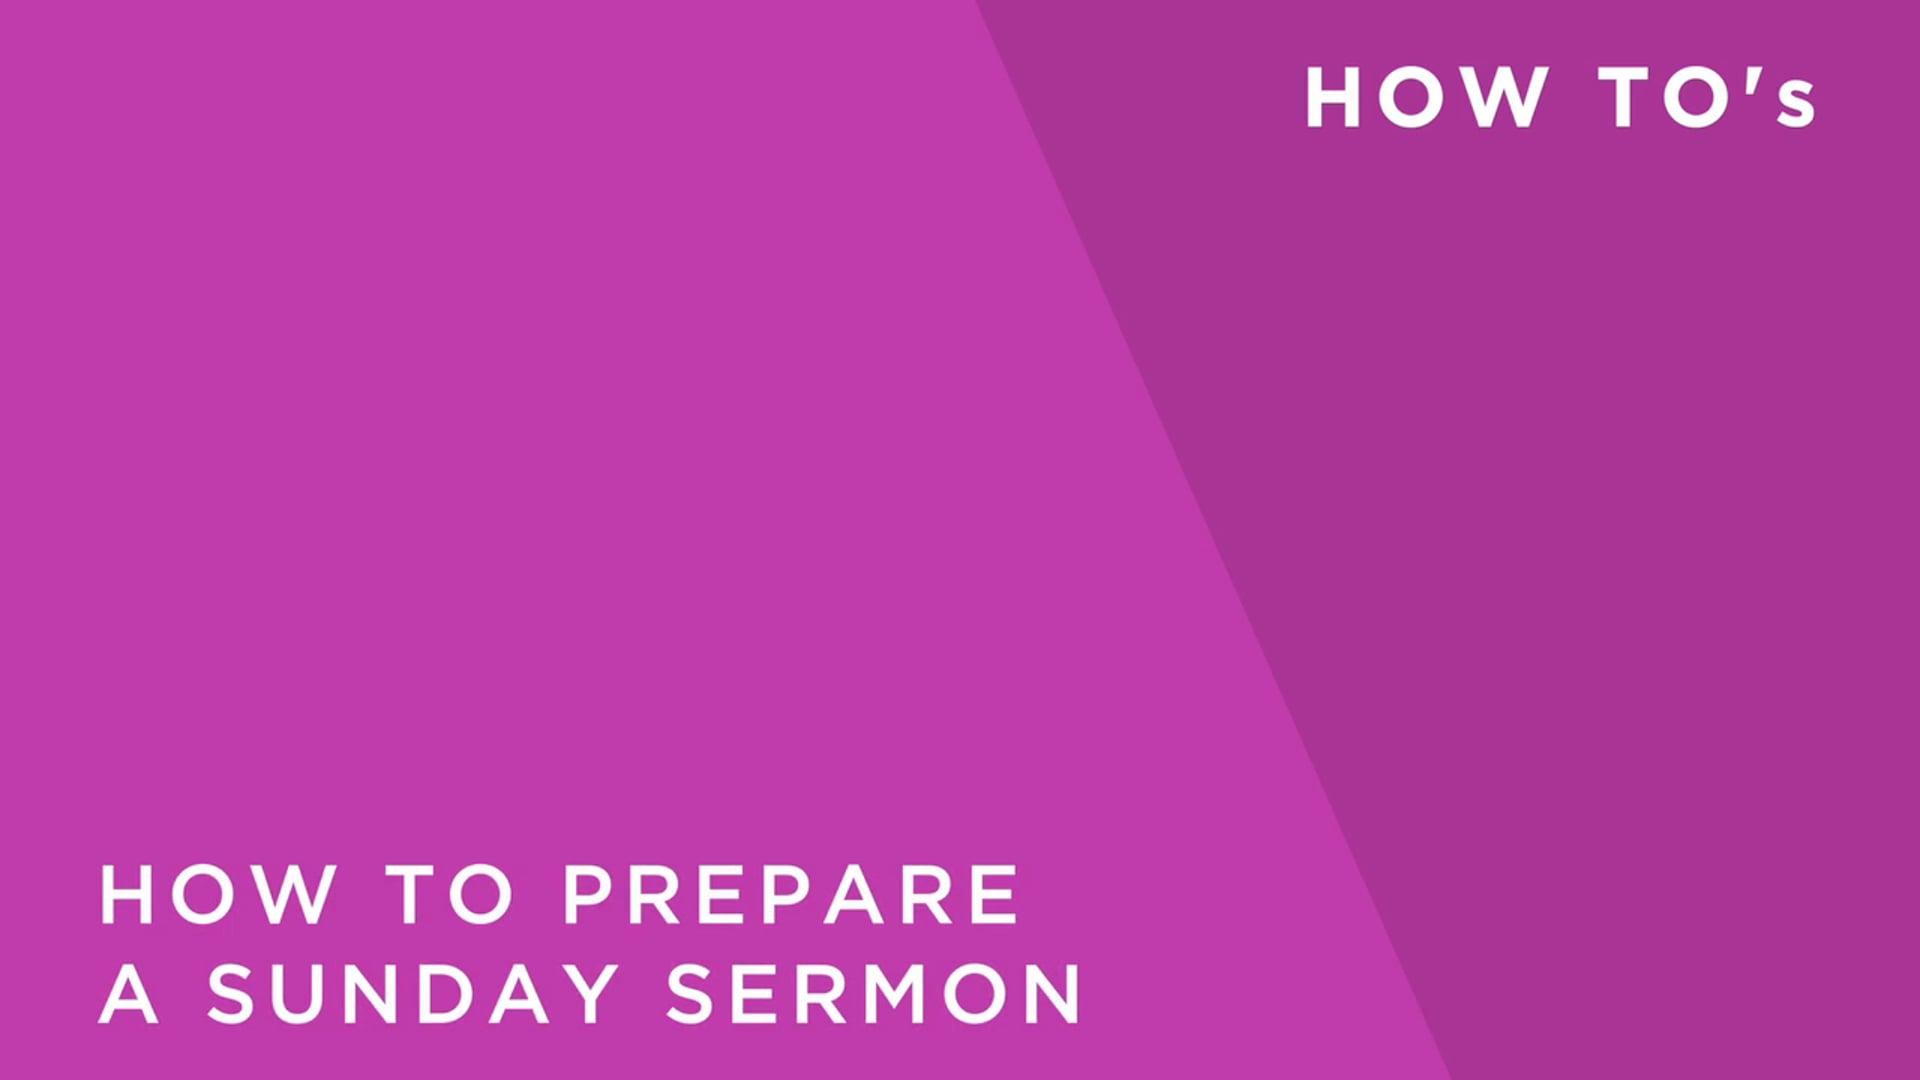 How to Prepare a Sunday Sermon